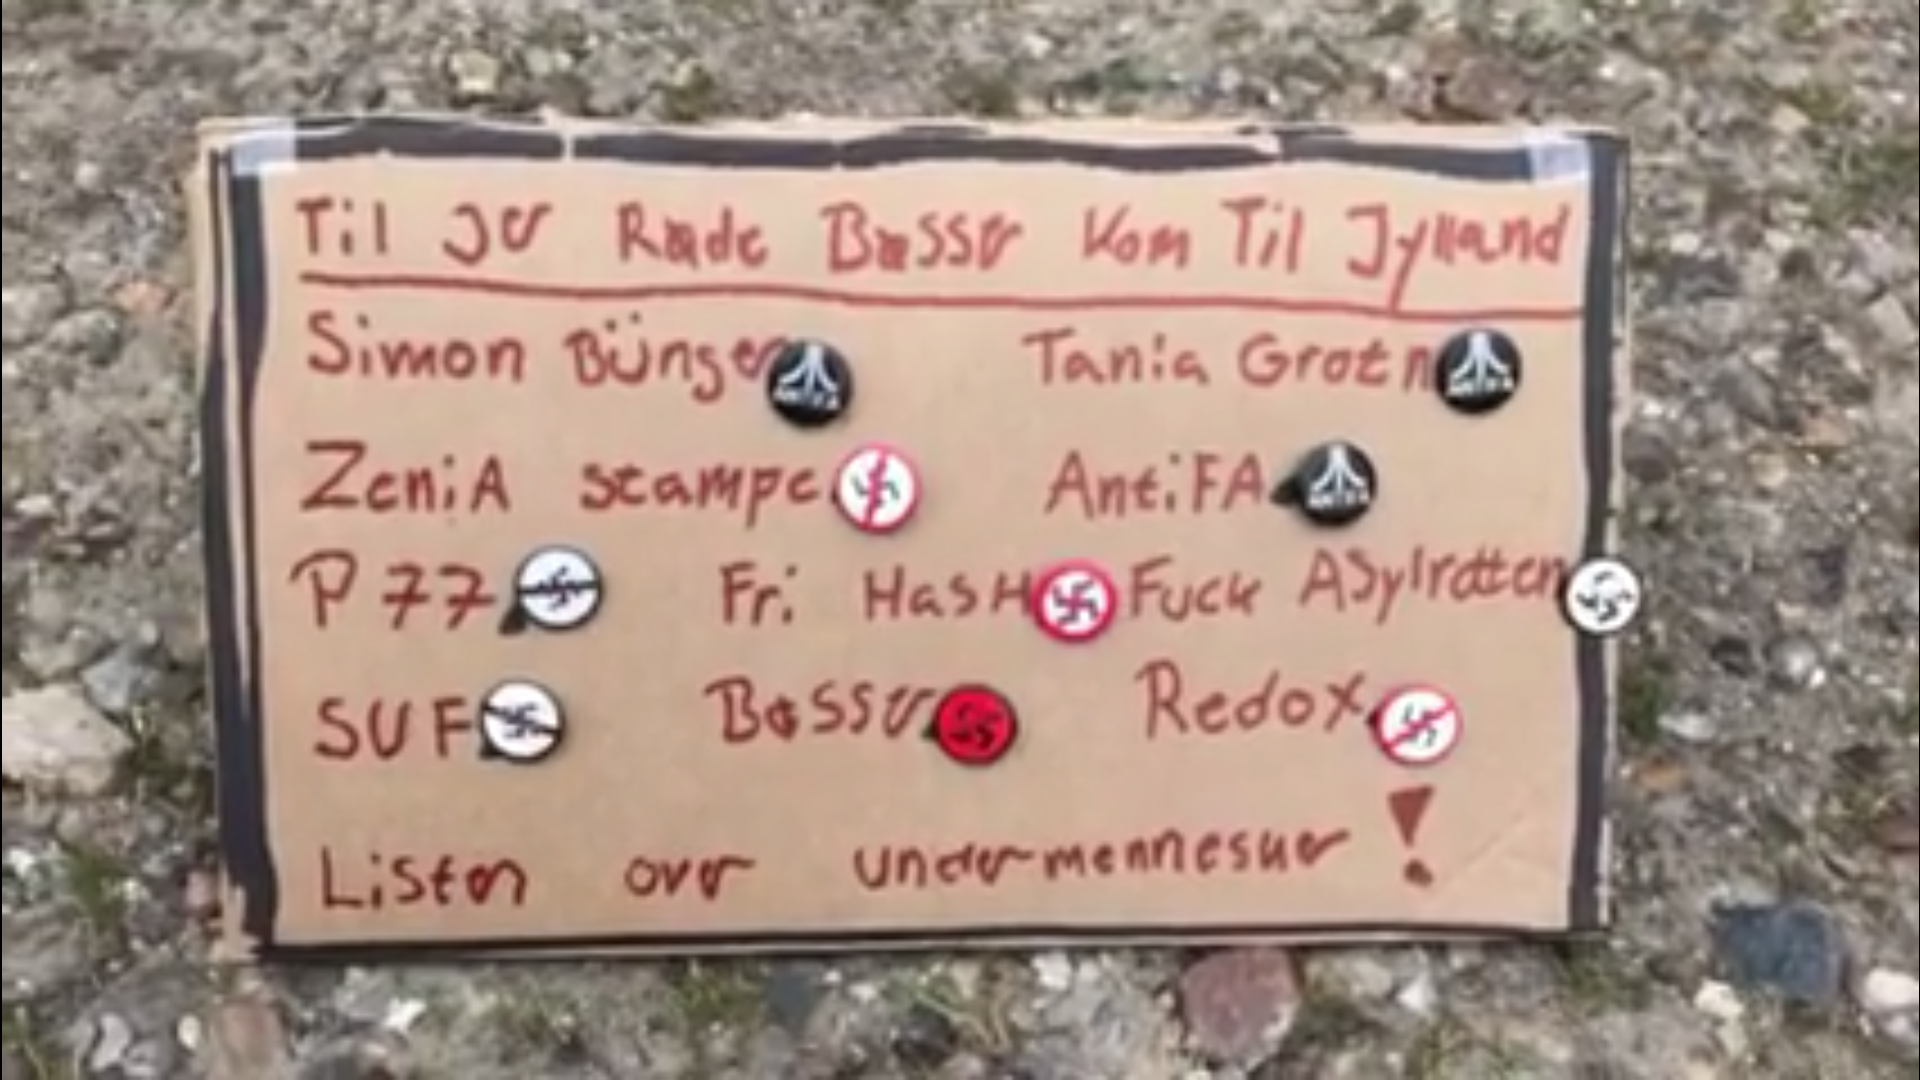 På listen er Zenia Stampe nævnt side om side med blandt andre Redox, ungdomsorganisationen Socialistisk Ungdomsfront (SUF) og internetbloggen P77. (Foto: Screenshot fra video)